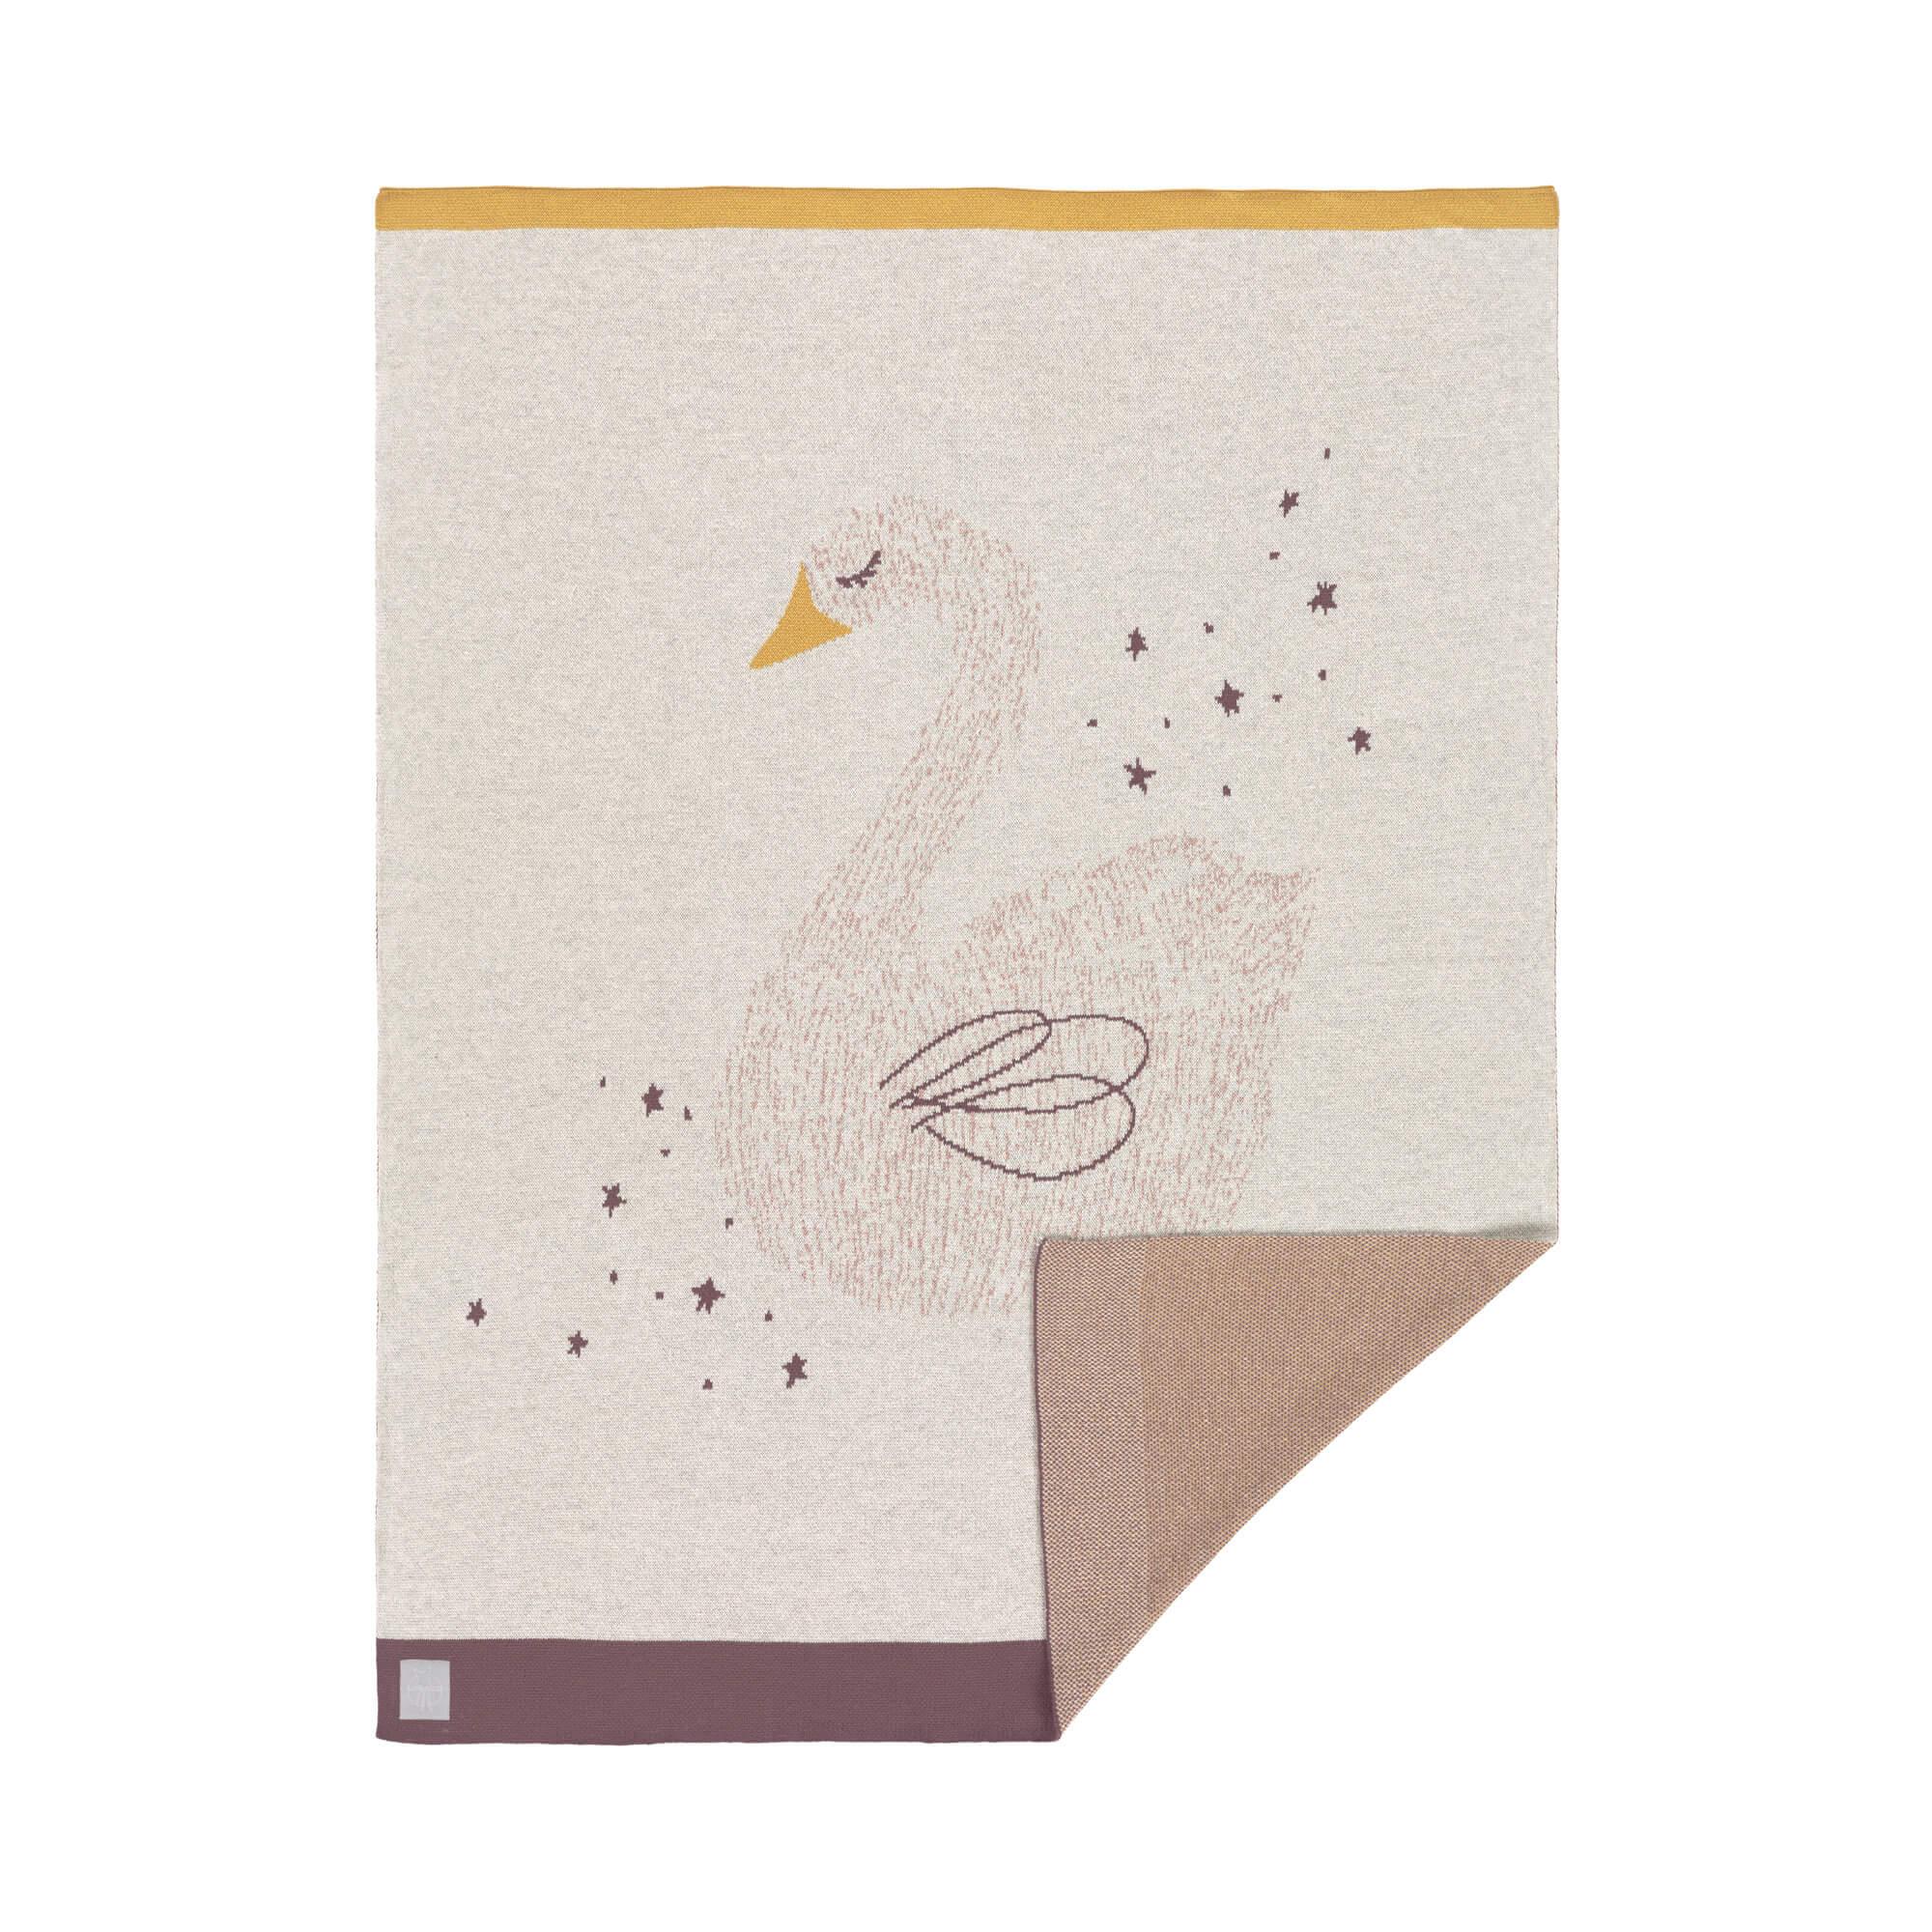 Couverture GOTS Little Water Cygne, 75 x 100 cm